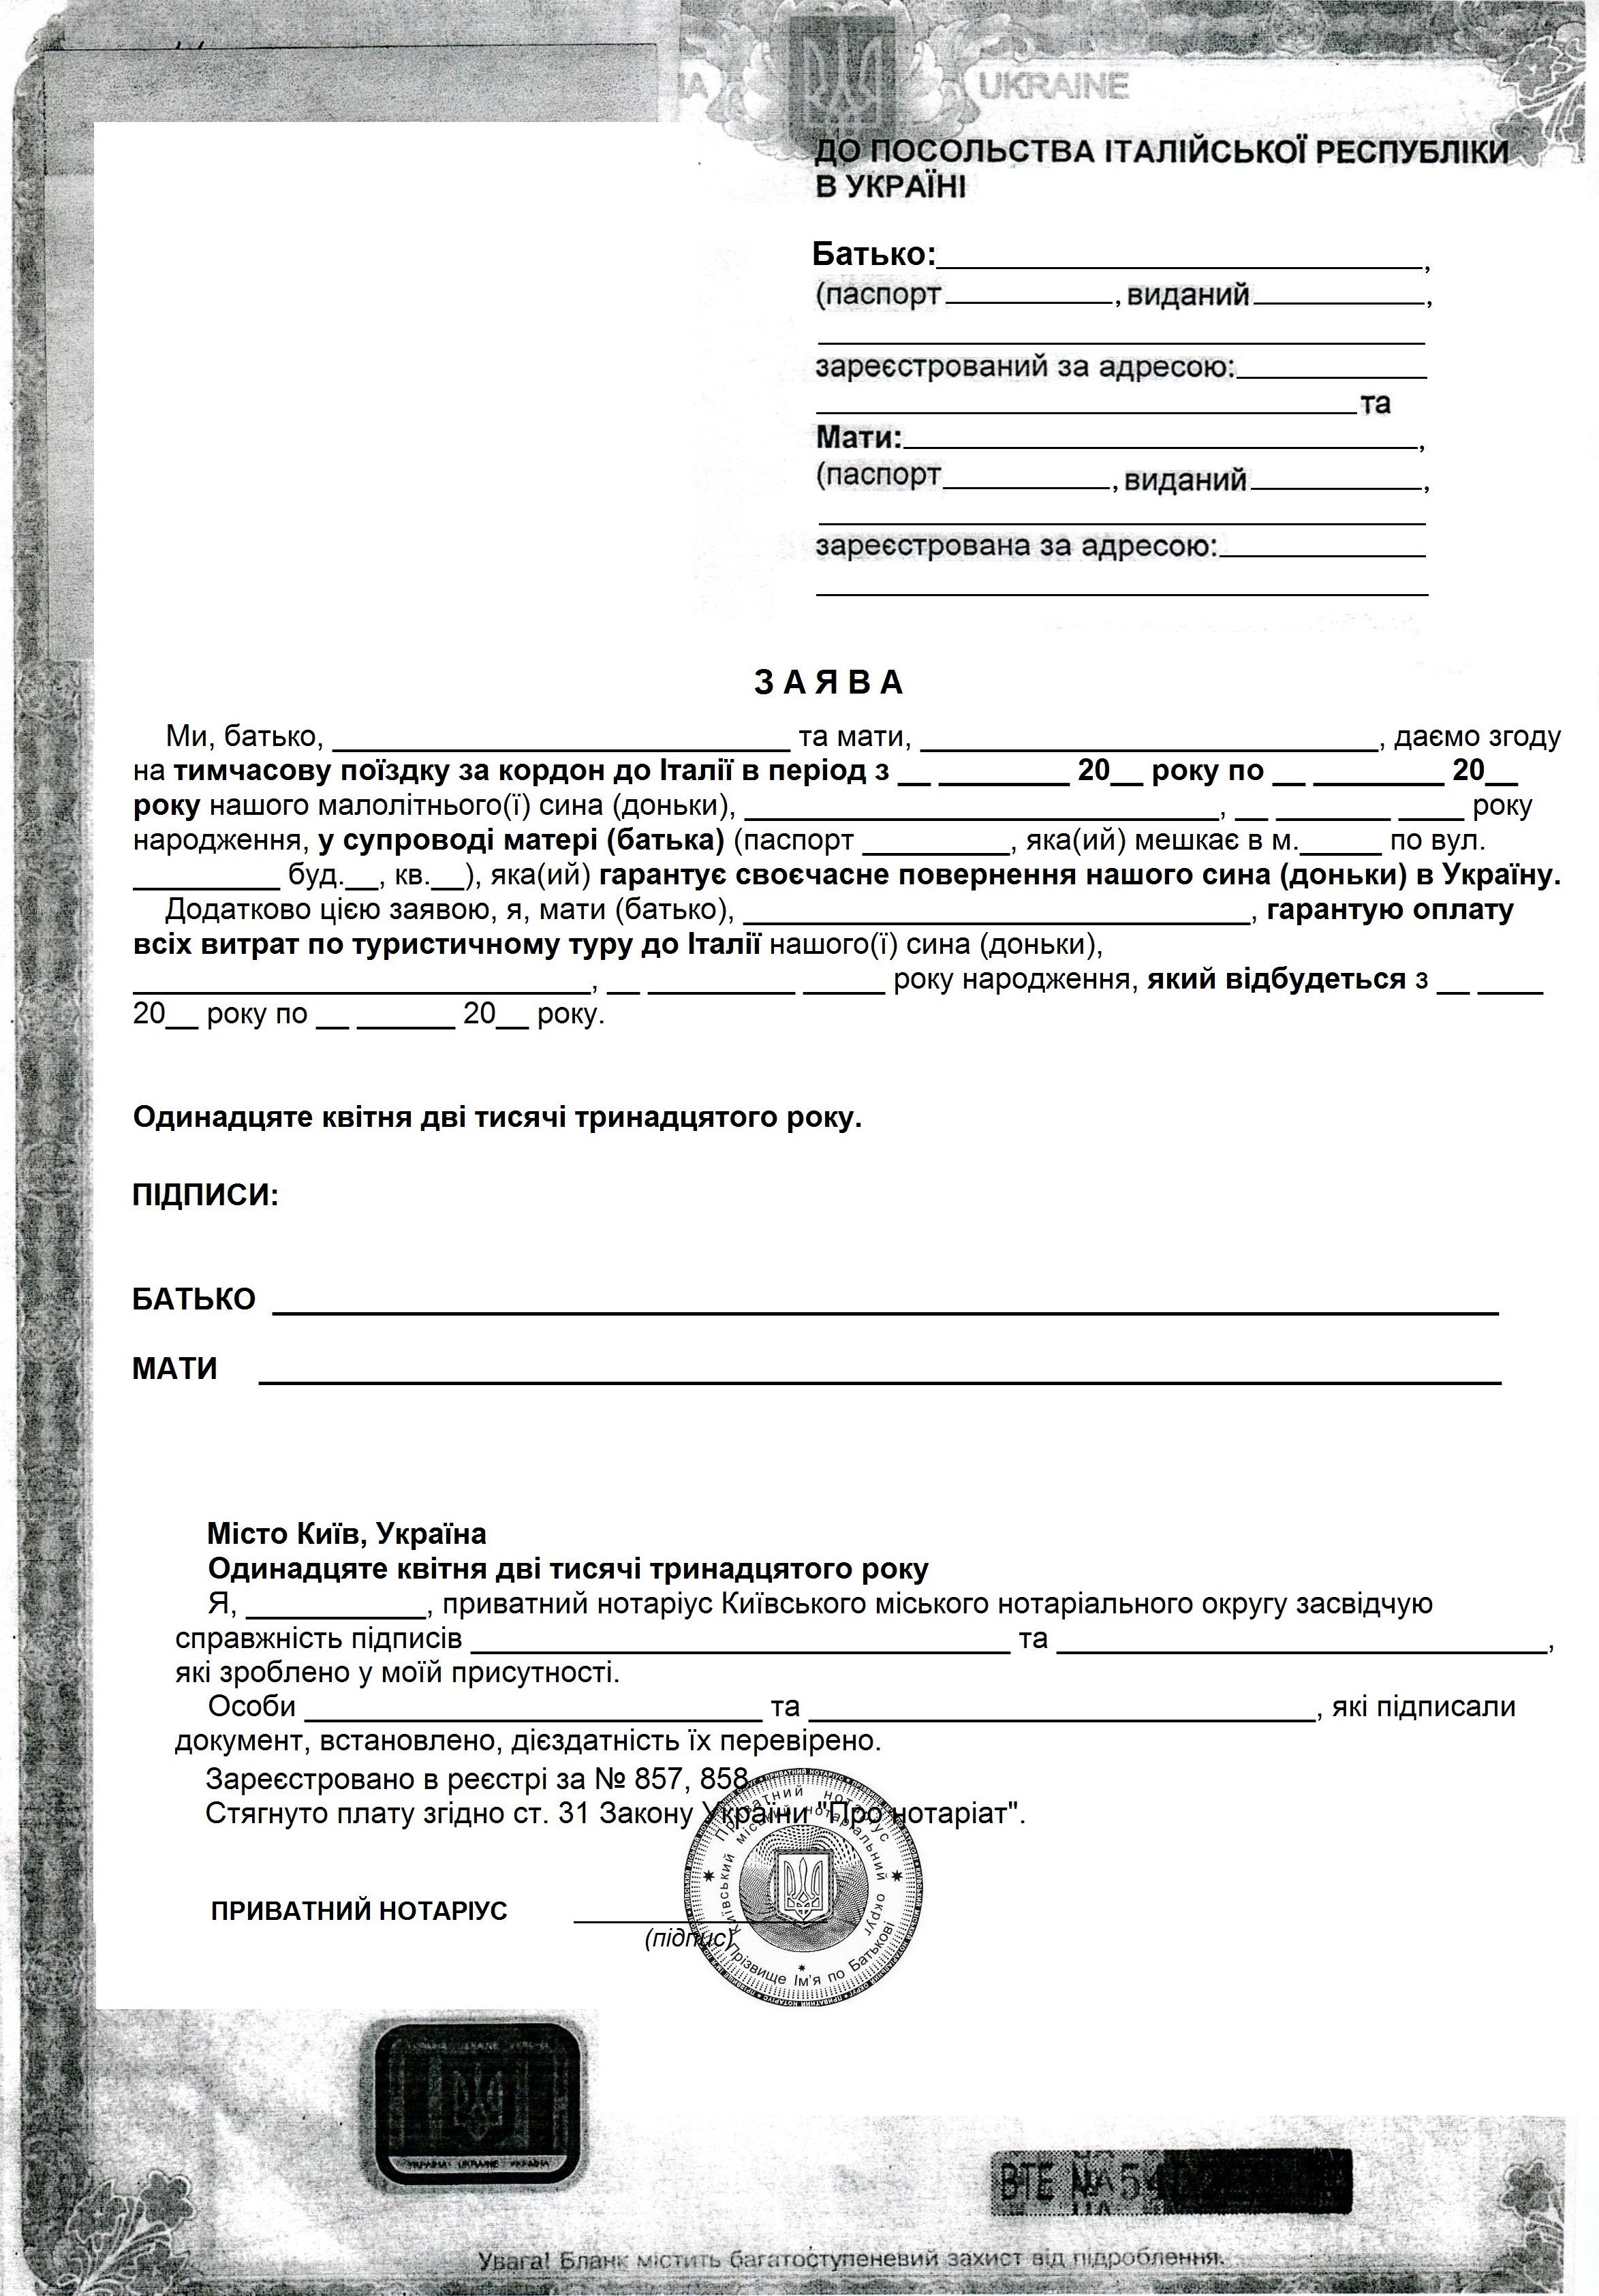 Нотариальное оформление договора дарения доли квартиры